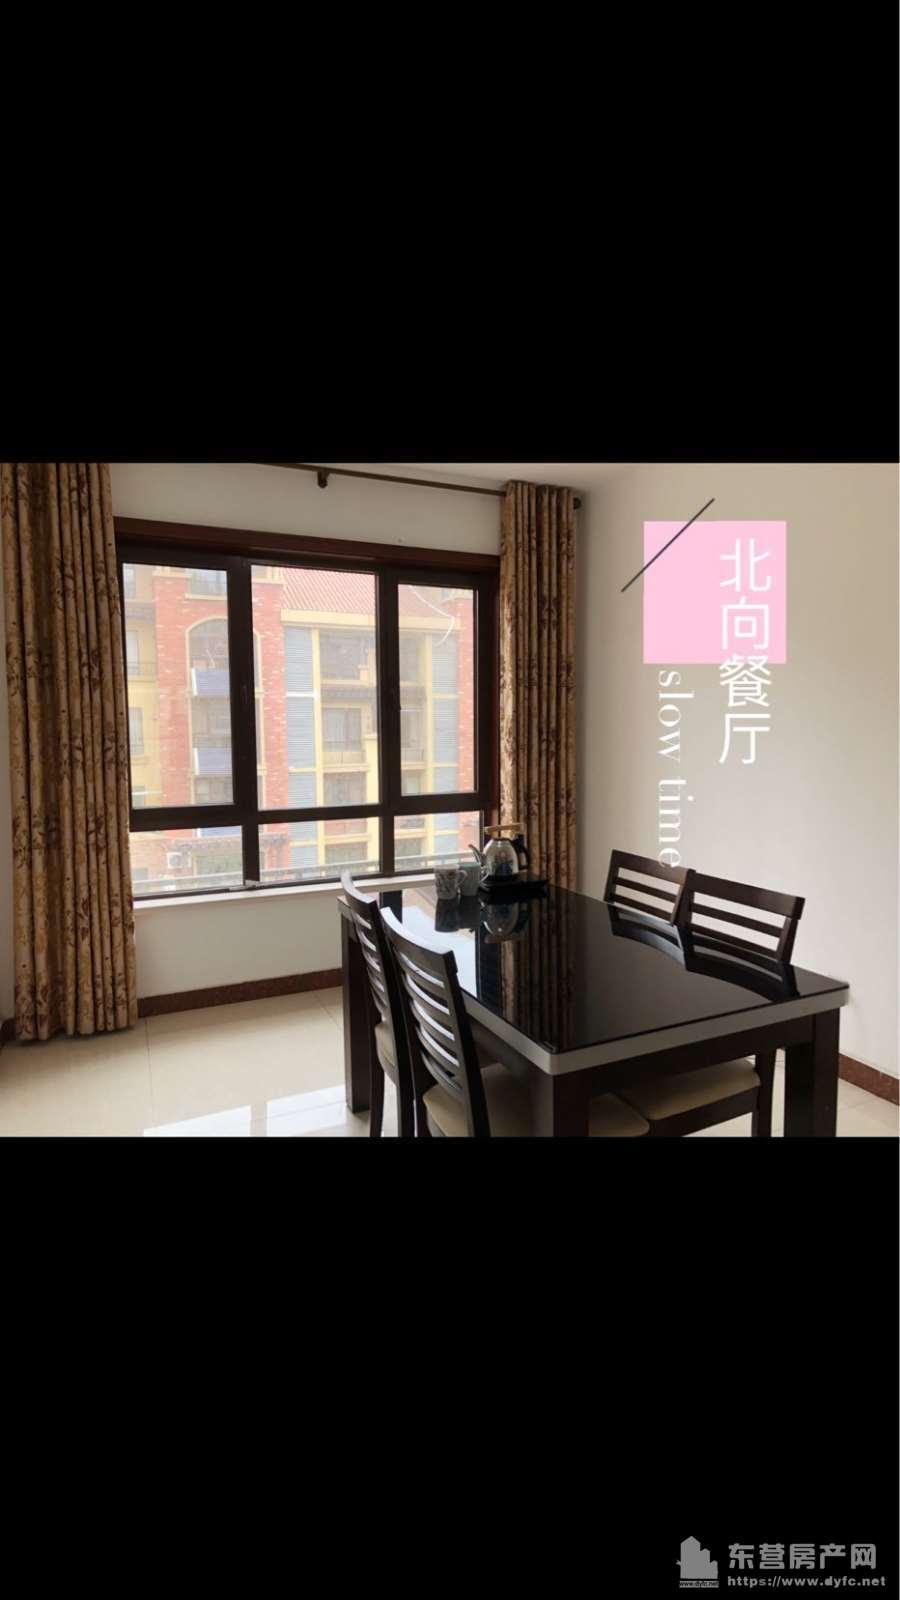 東城東亞原香小鎮4樓帶電梯135平三室兩廳精裝120萬出售